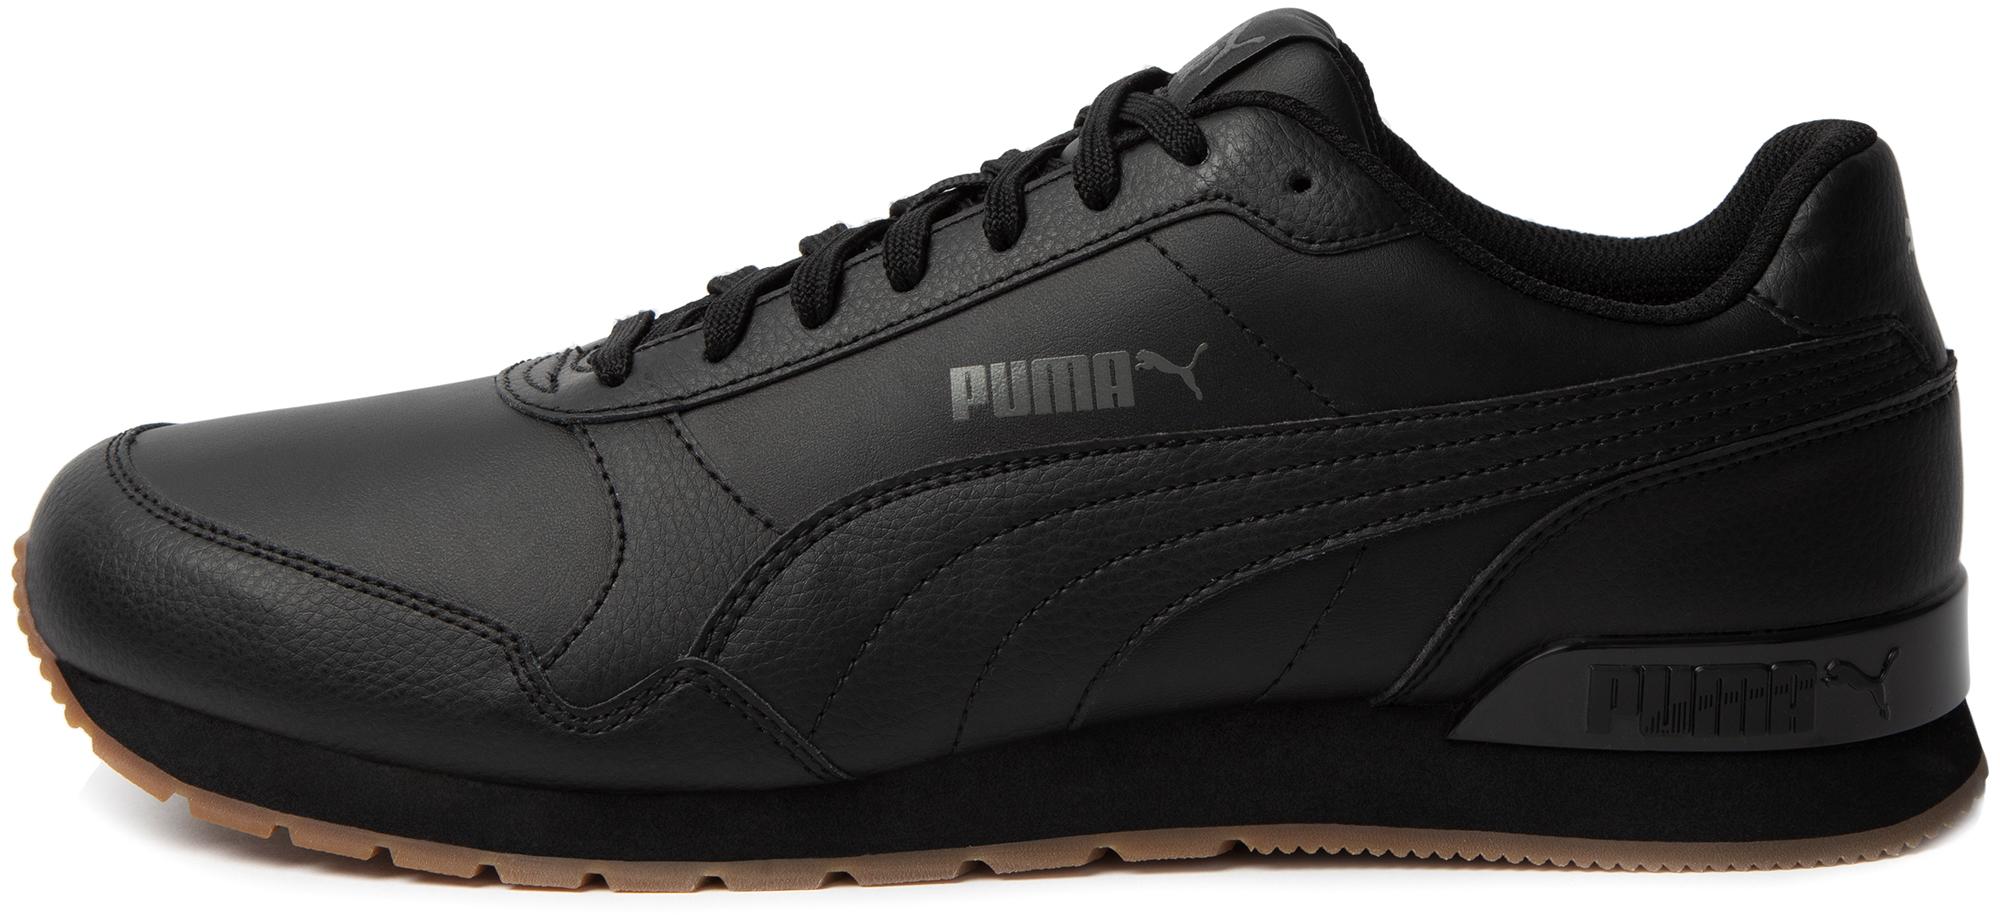 Puma Кроссовки мужские Puma St Runner V2 Full, размер 41.5 puma кроссовки мужские puma ember trl demi размер 45